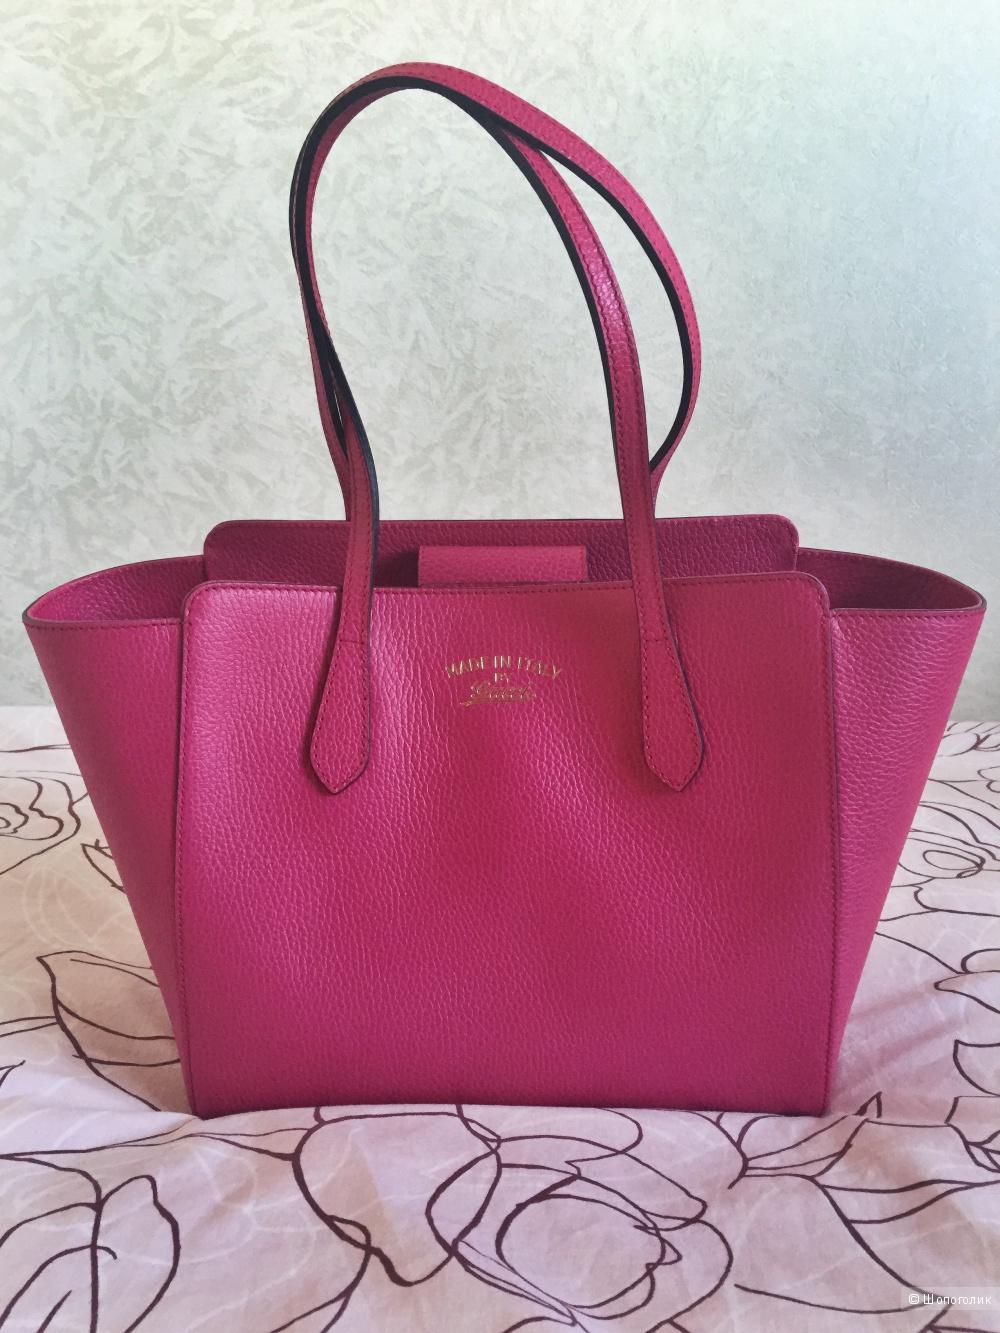 Продам кожаную сумку Gucci оригинал